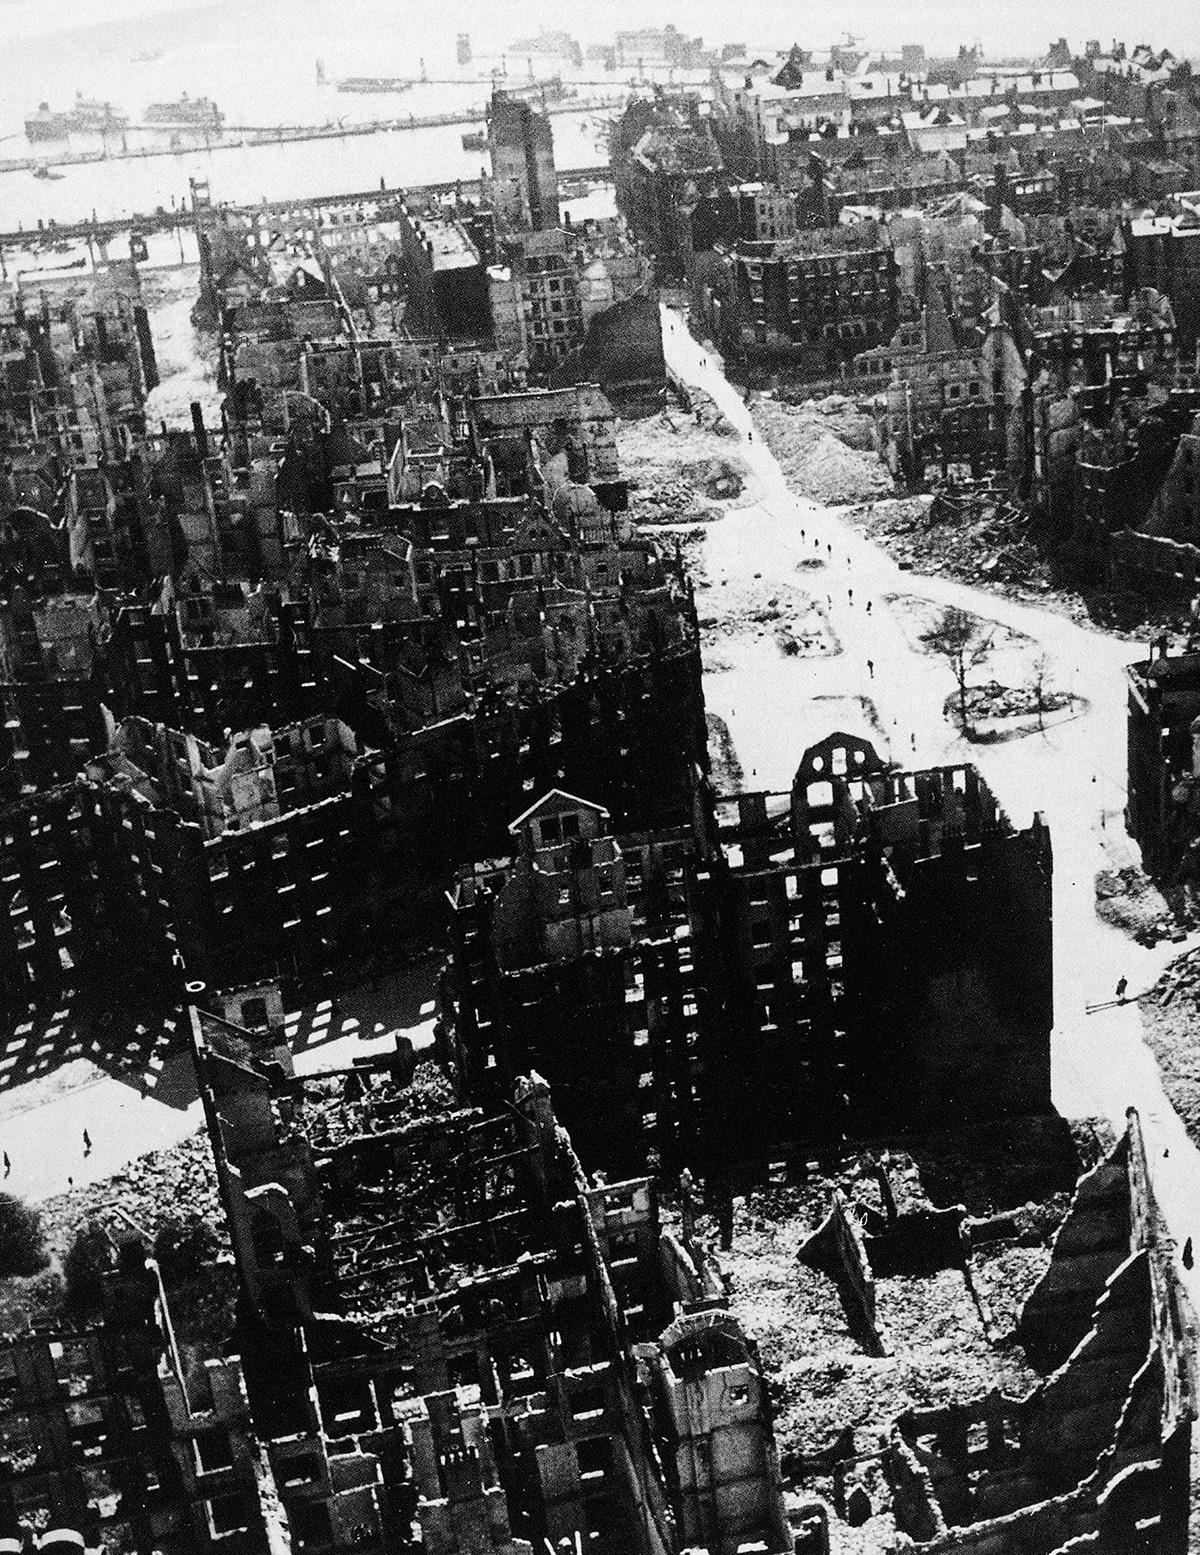 Hamburgo em agosto de 1943, um mês após bombardeios que transformaram a cidade em ruínas: a palavra podre degrada o espaço semântico, é o preâmbulo da ação violenta ou deletéria